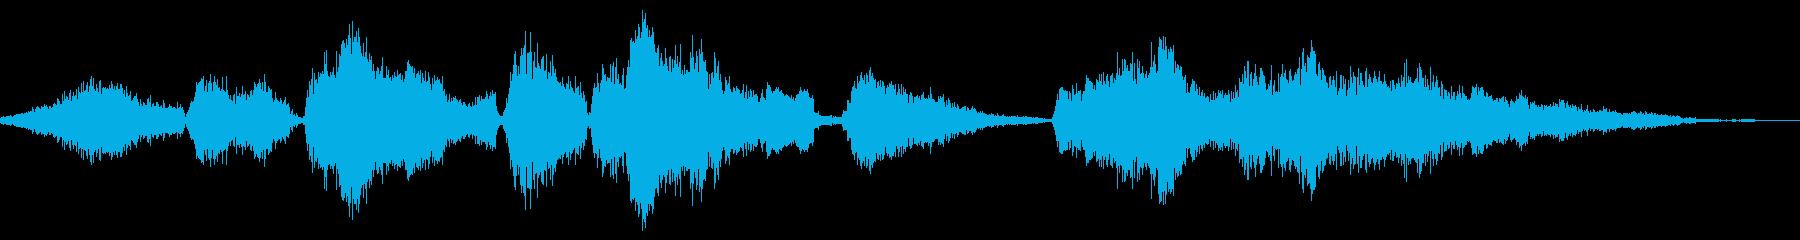 モンスターの呼吸と喘鳴モノの再生済みの波形